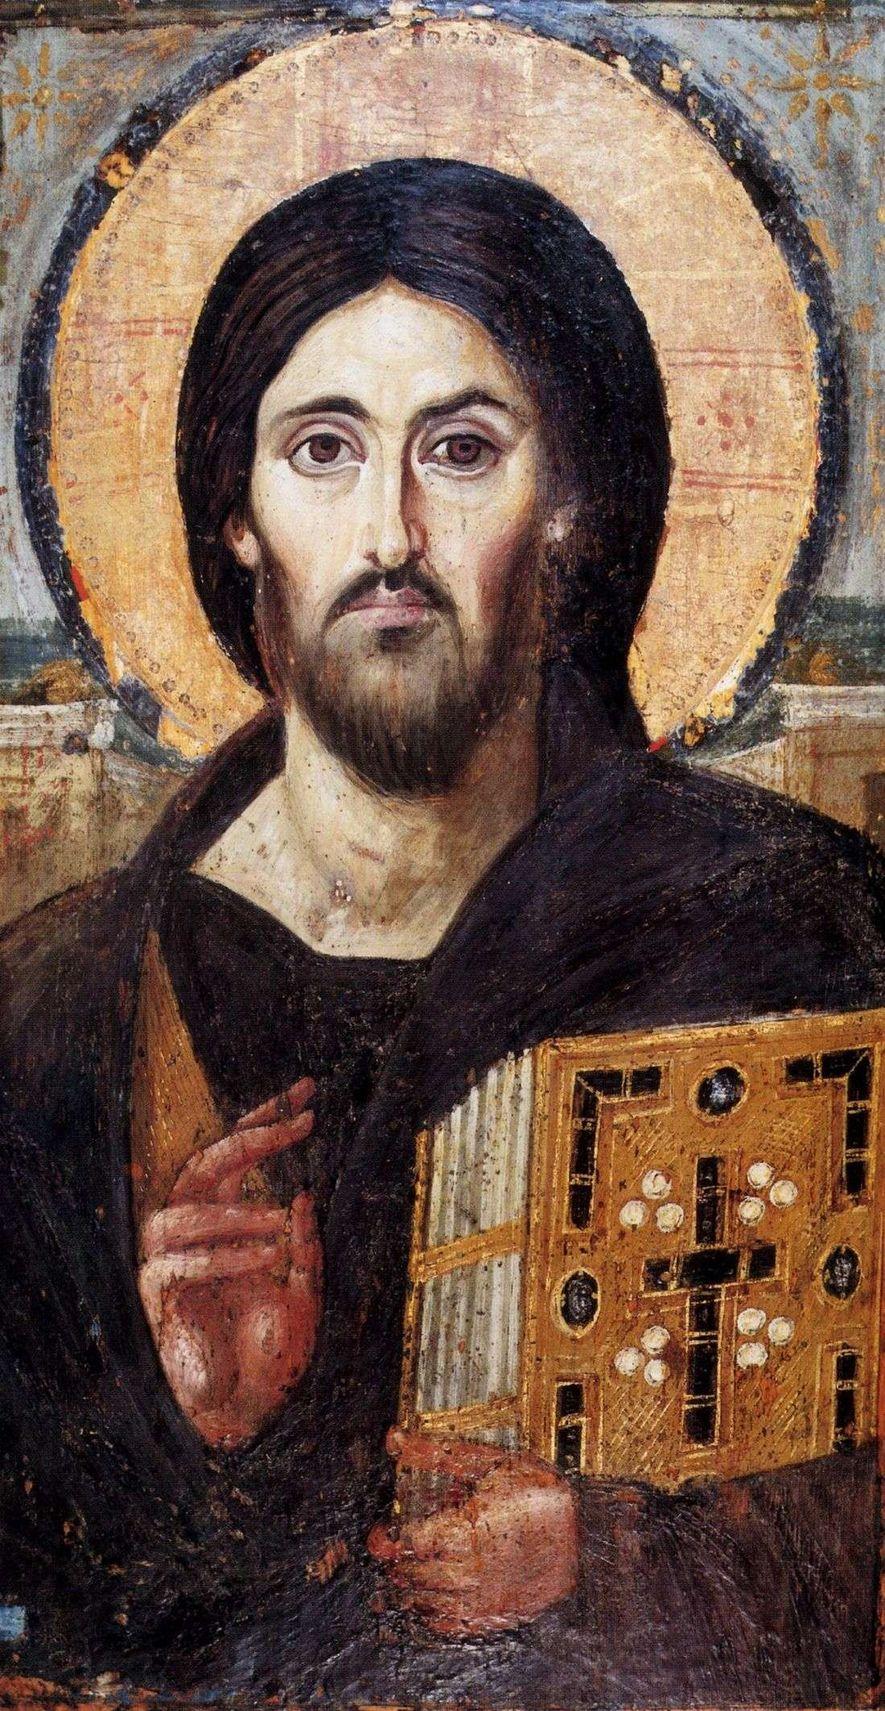 L'Icône du monastère de Sainte-Catherine du Sinaï (Égypte) est l'une des premières icônes byzantines (VIe siècle) ...